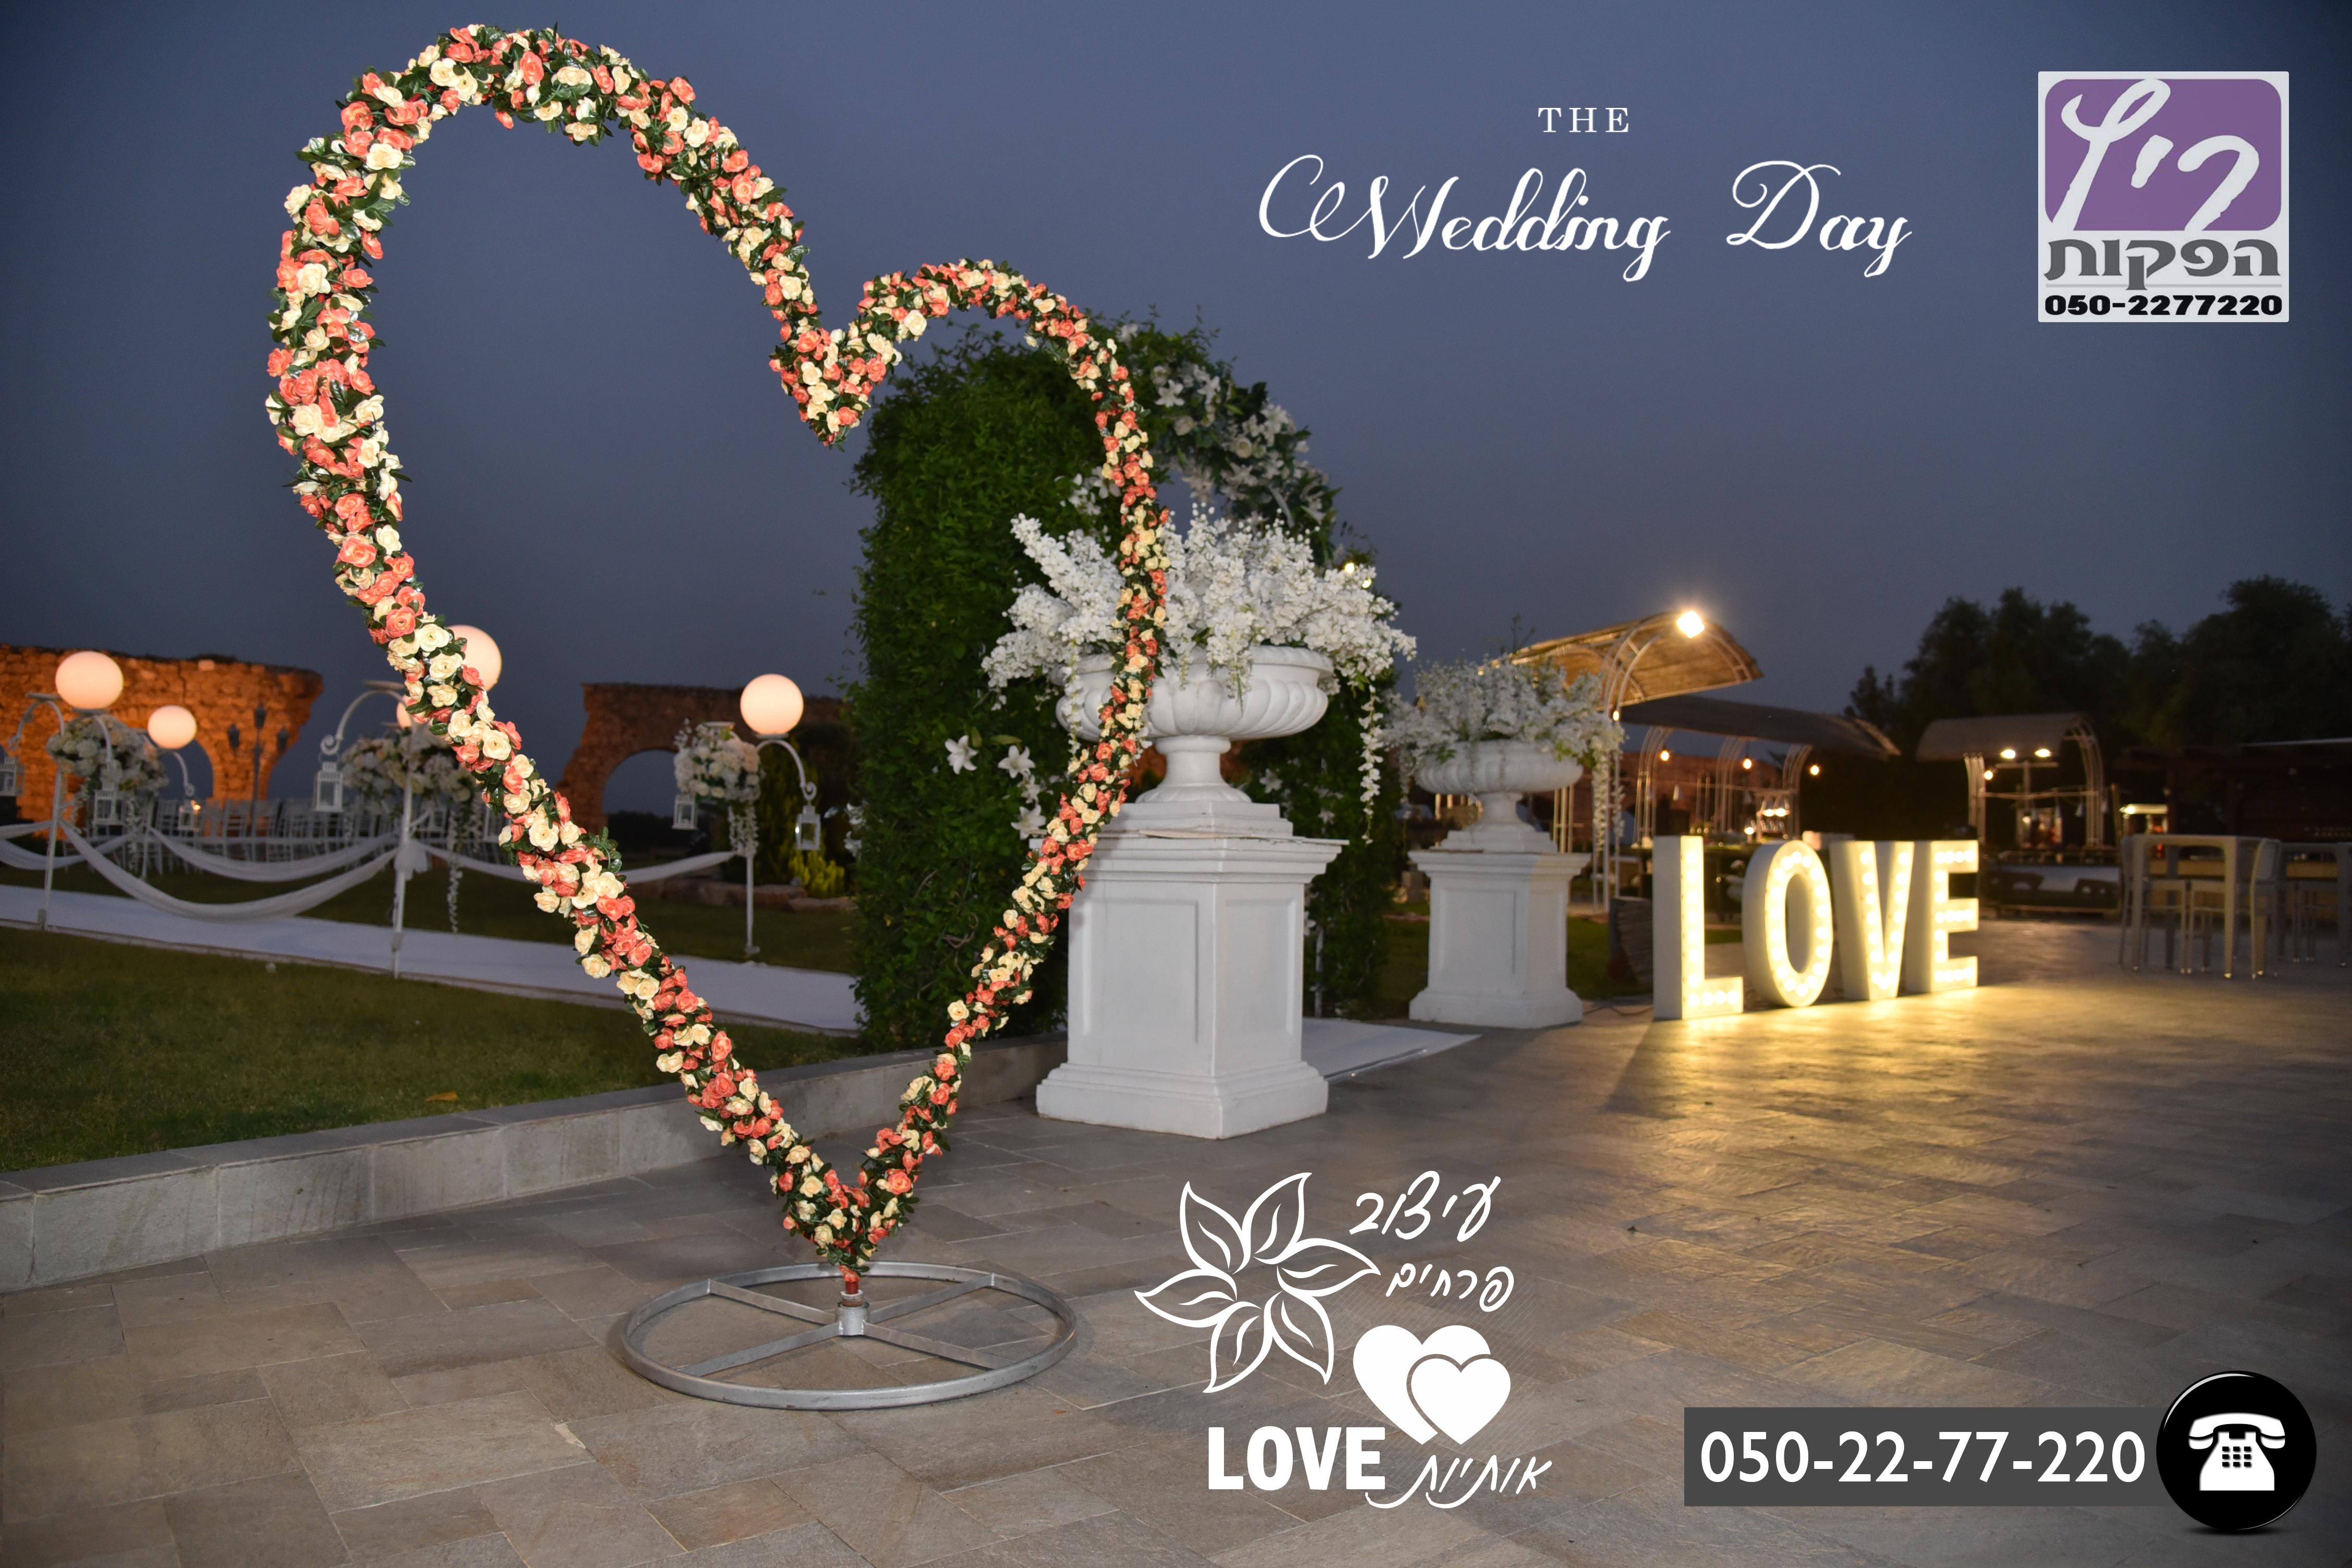 לב פרחים לחתונה,קיר פרחים לחתונה,אותיות מוארות